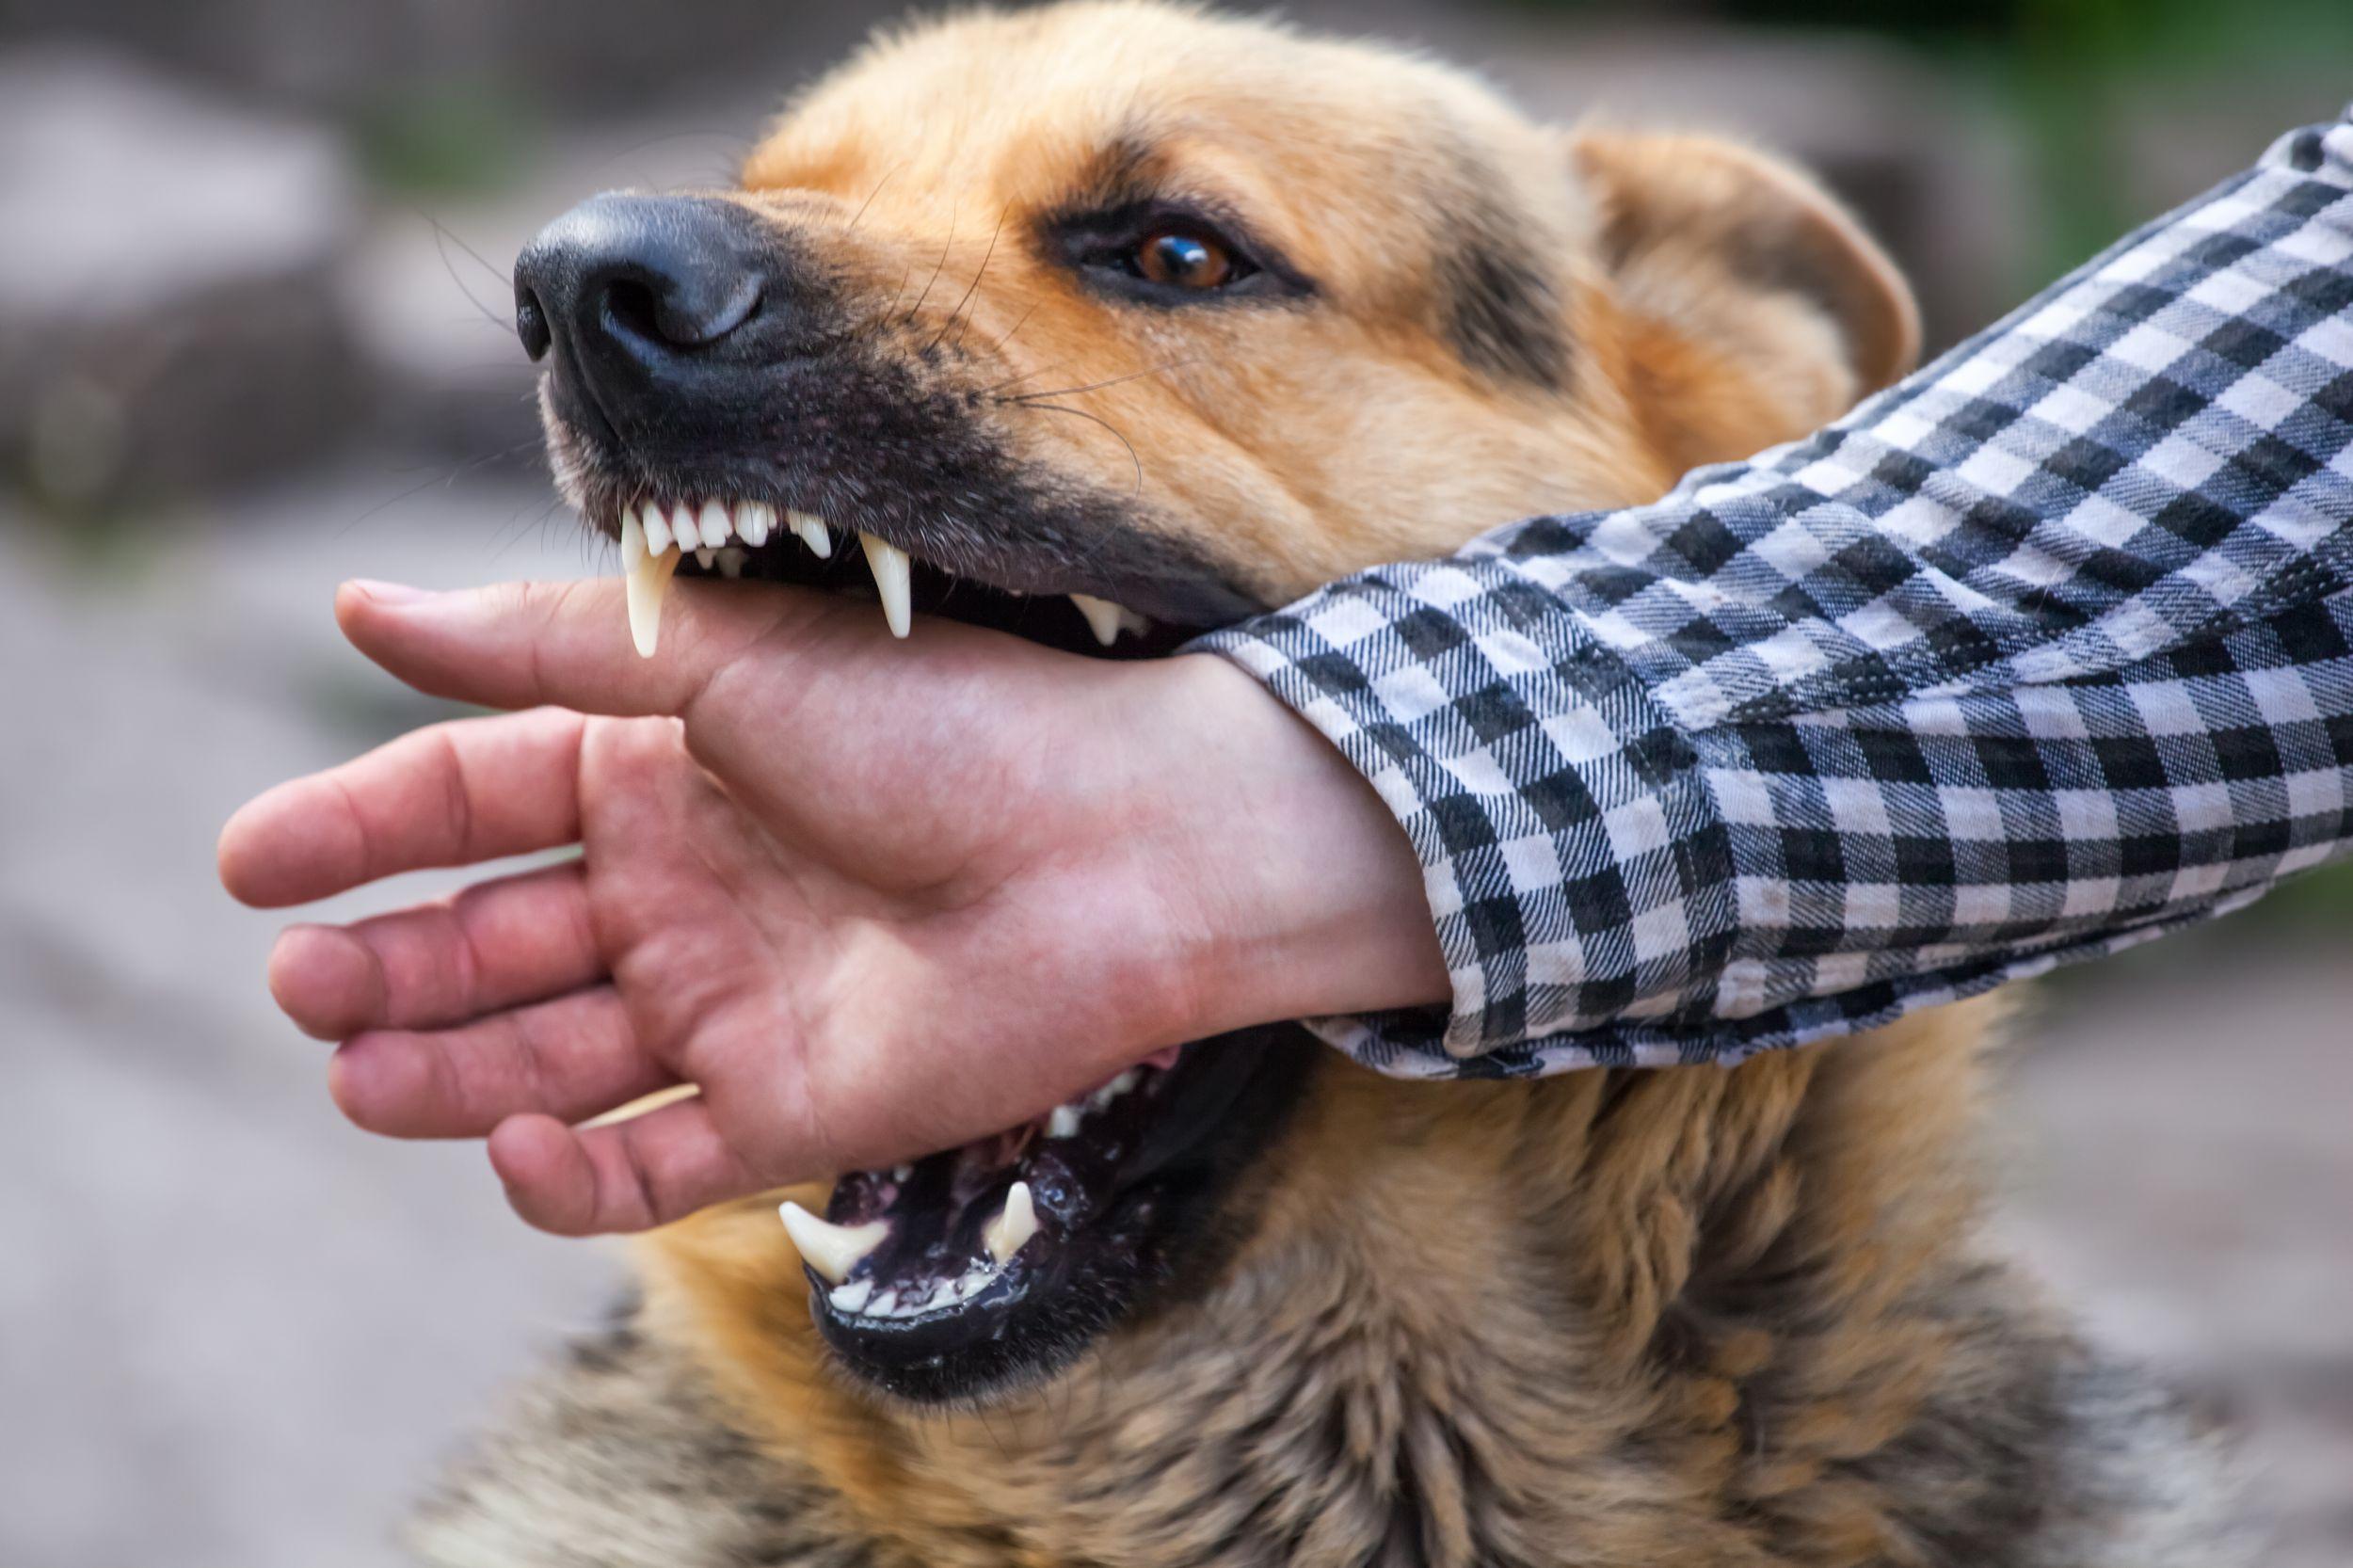 Dogilike.com :: หมากัดเจ้าของ เลี้ยงไม่ได้จริงหรือ?